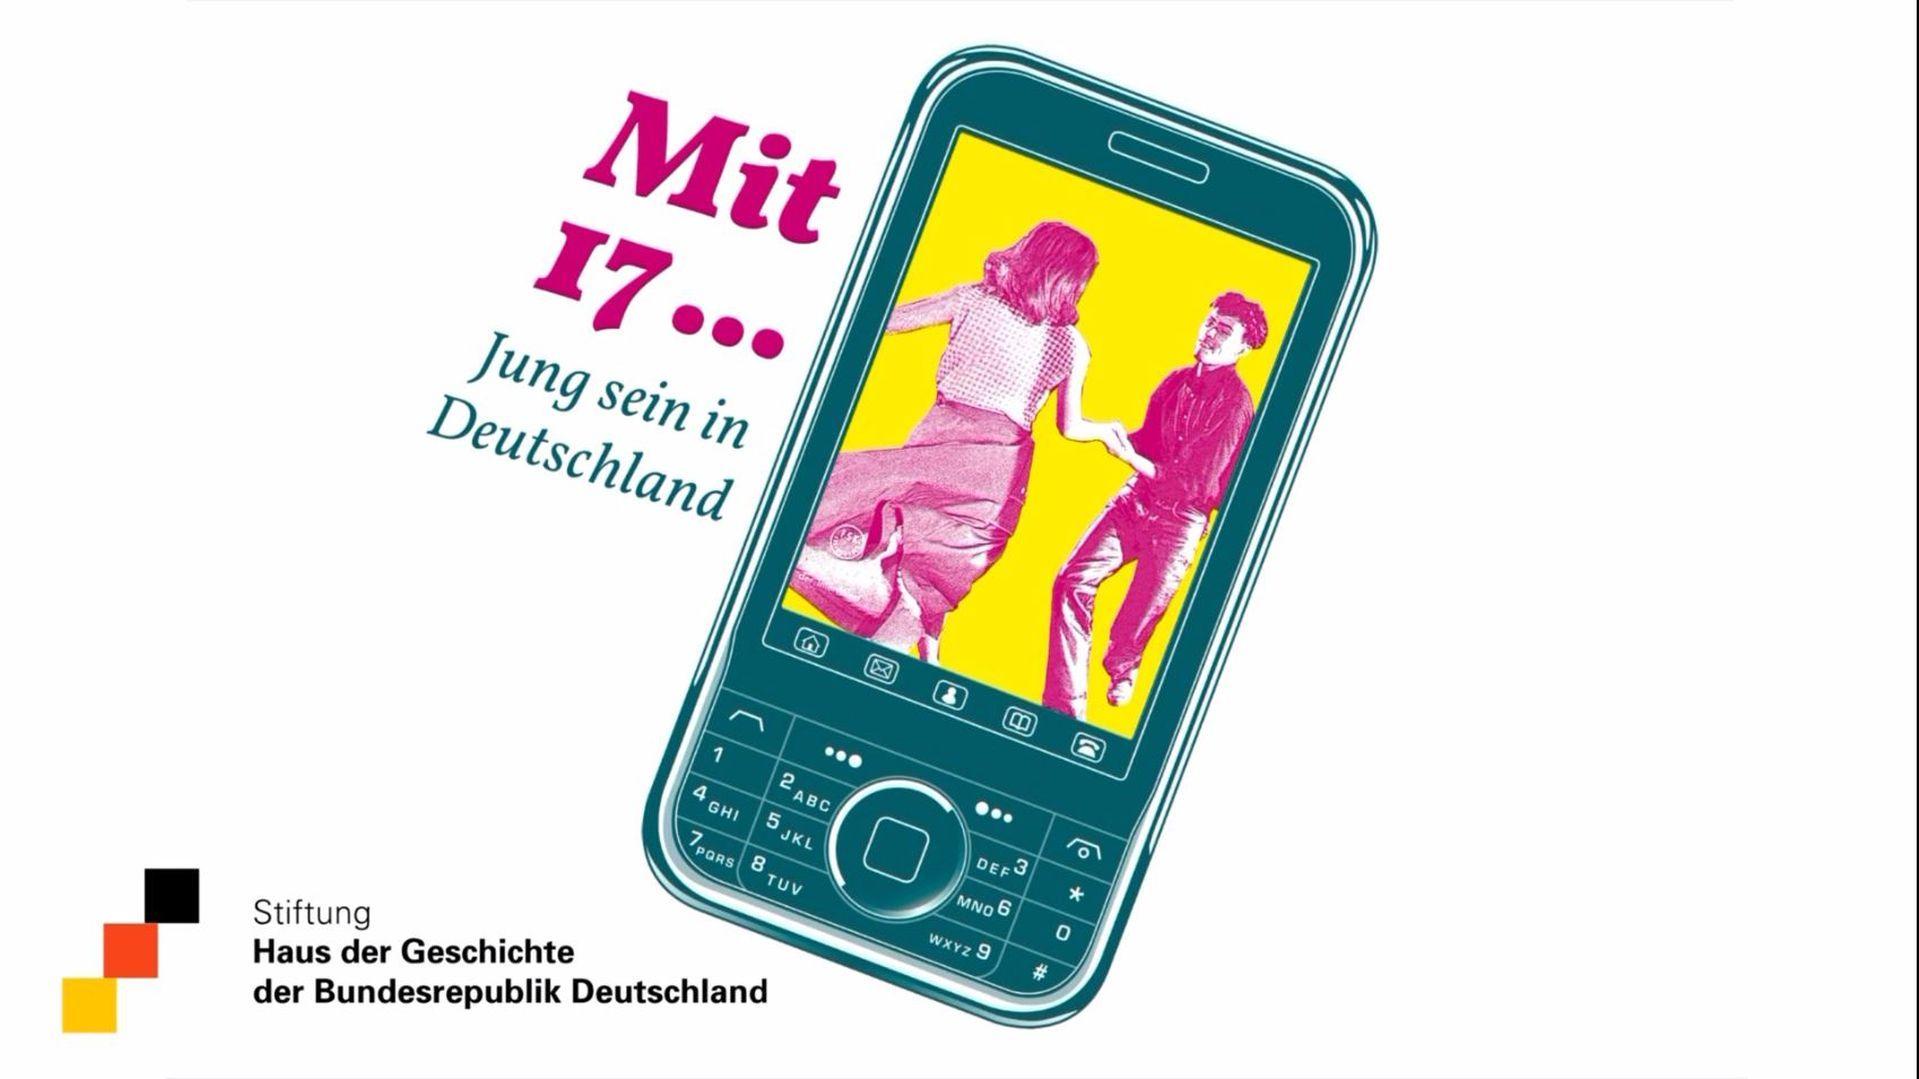 Ausstellungsplakat Mit 17... Jung sein in Deutschland